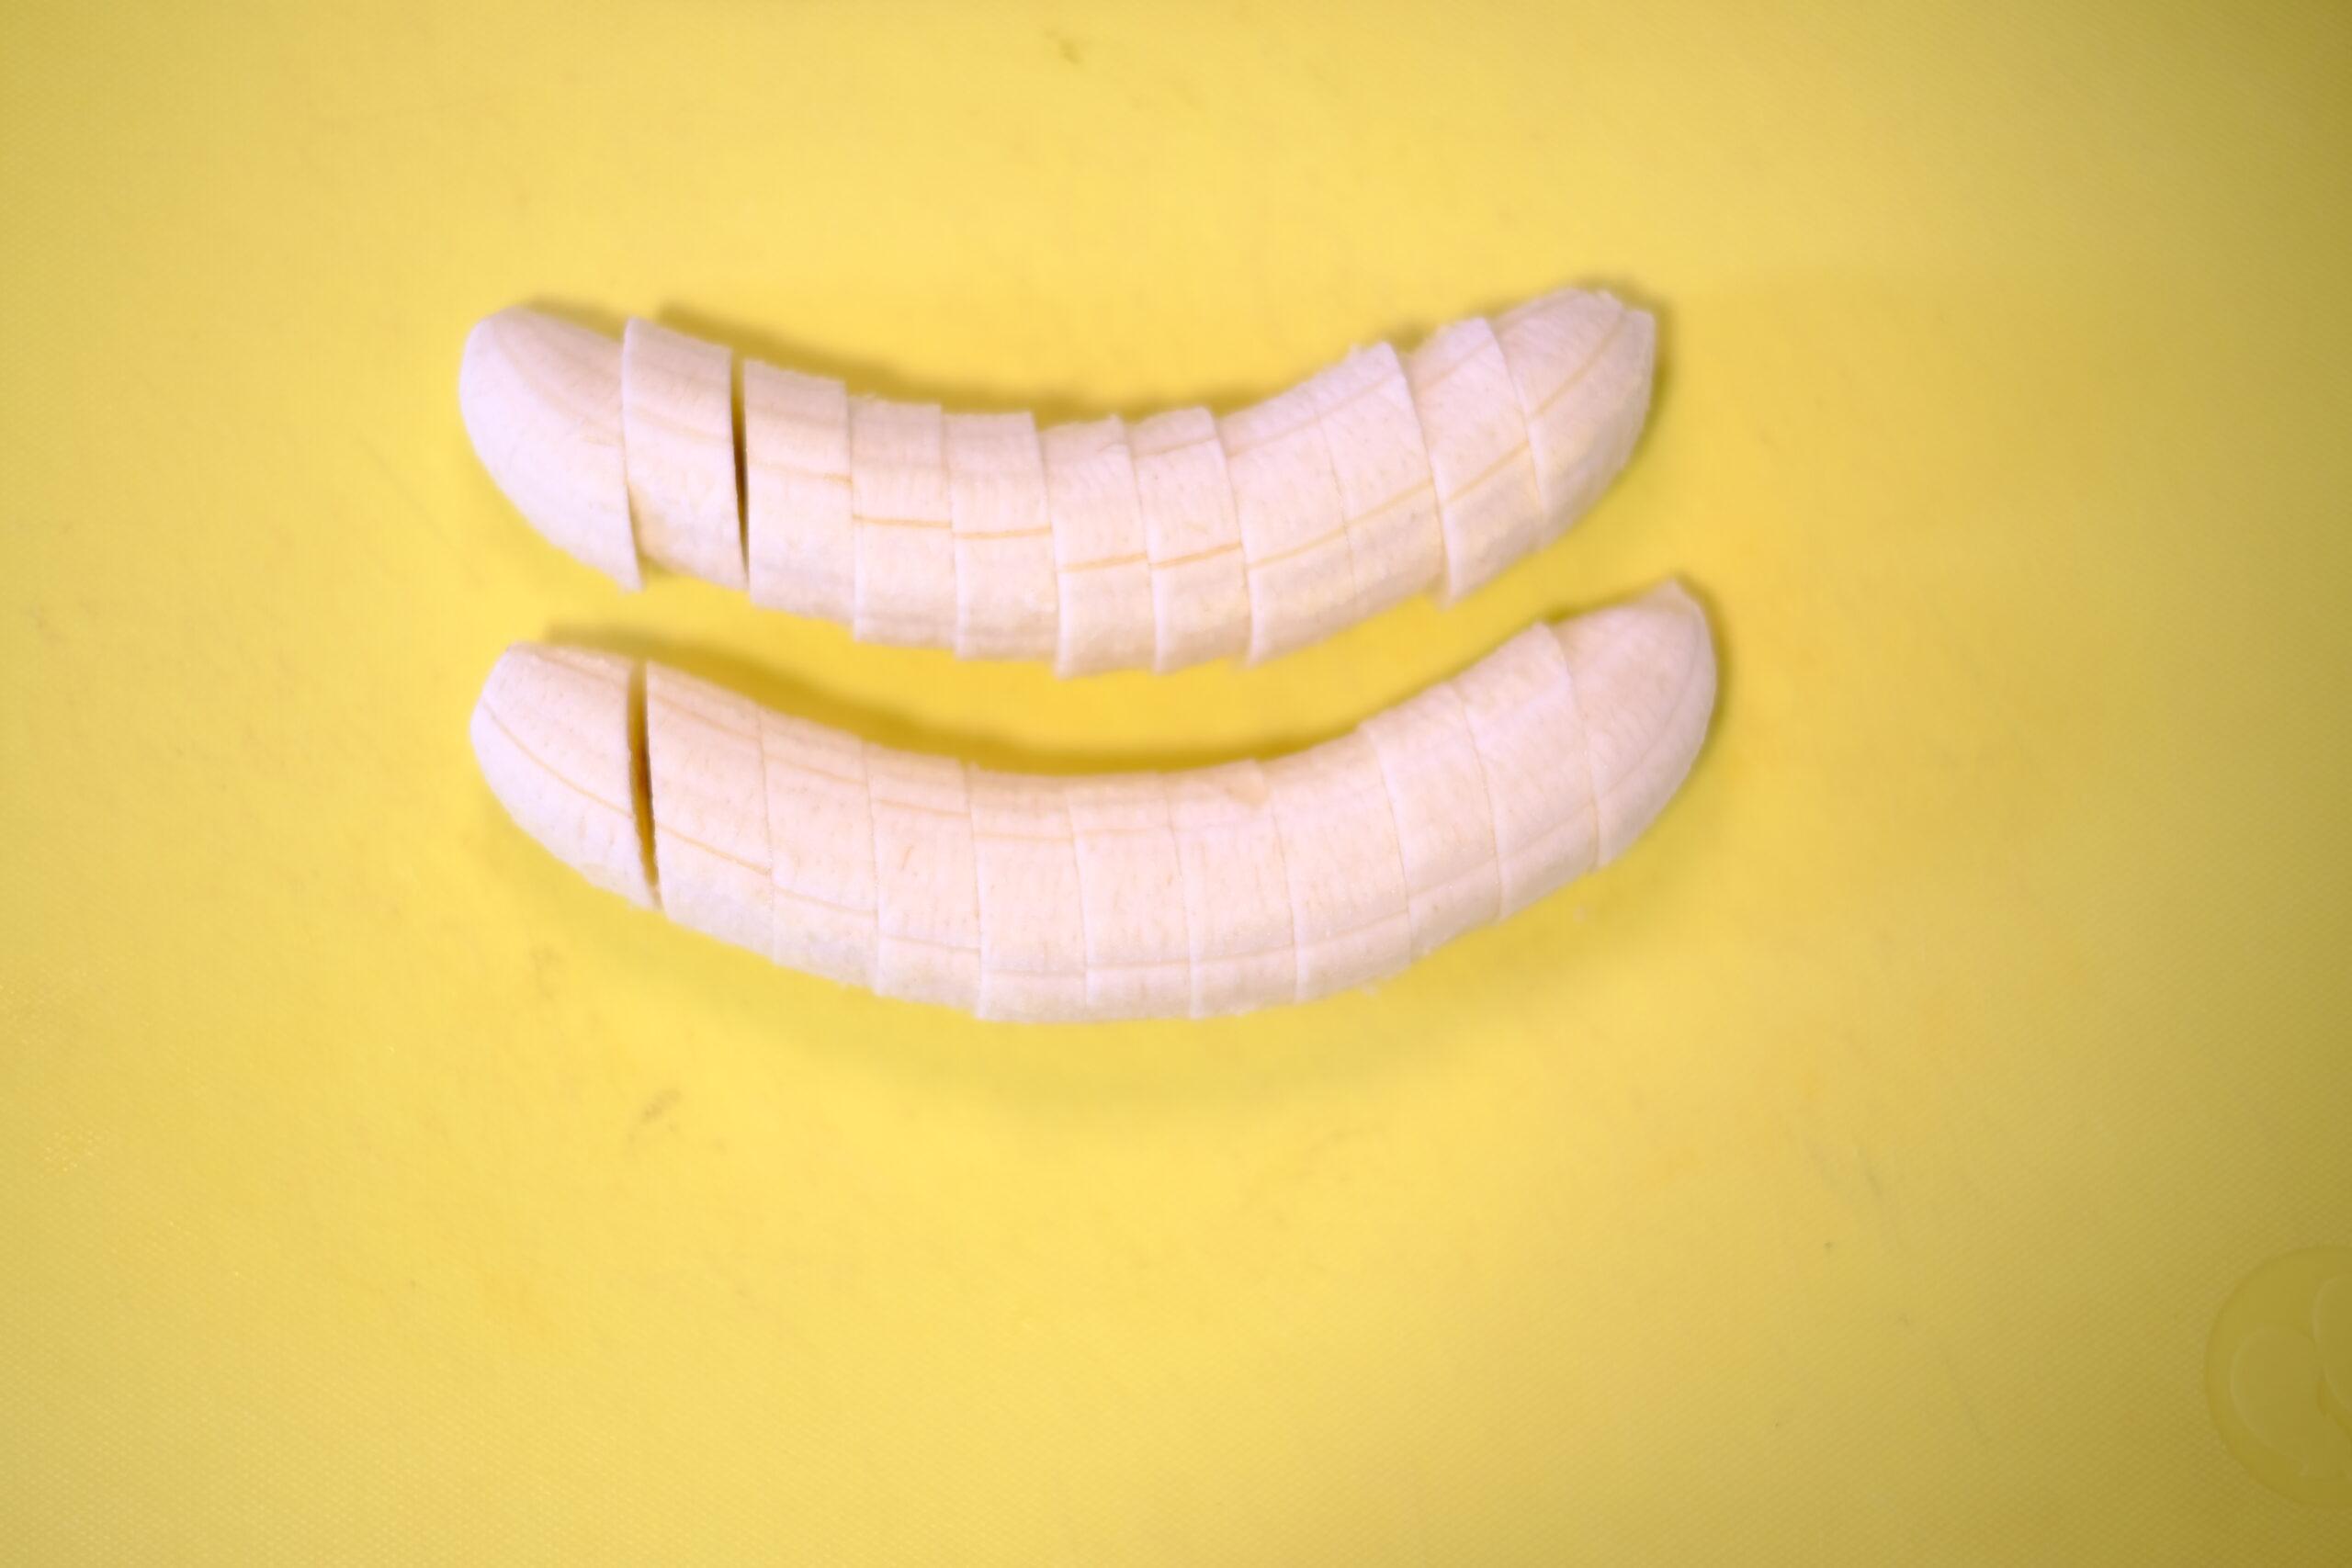 まな板の上で皮を剥いてカットしたバナナの画像です